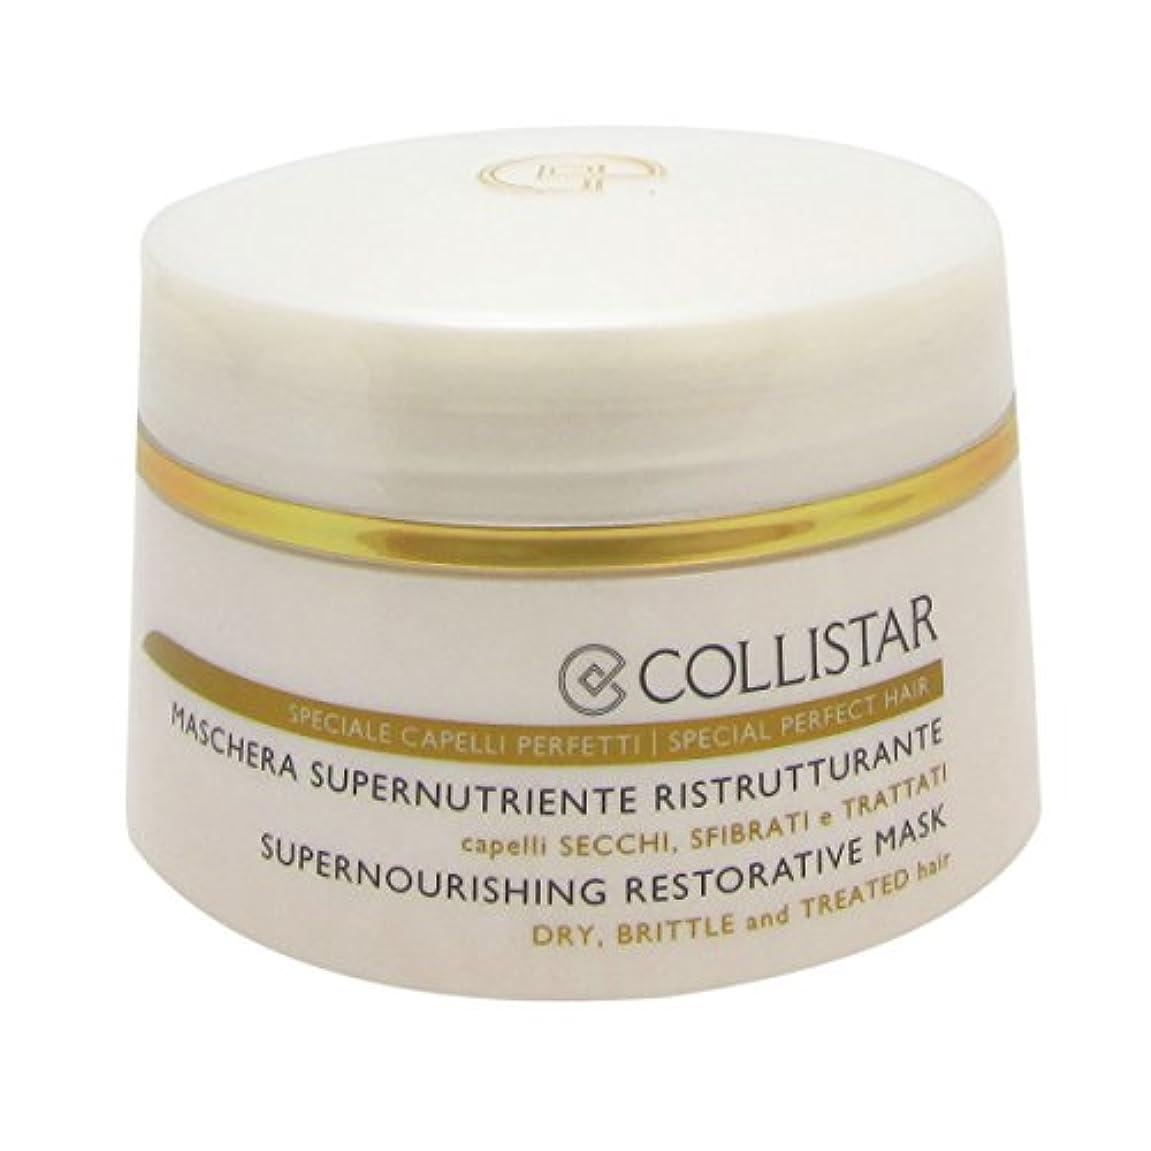 許容できる座る心理的Collistar Supernourishing Restorative Mask 200ml [並行輸入品]